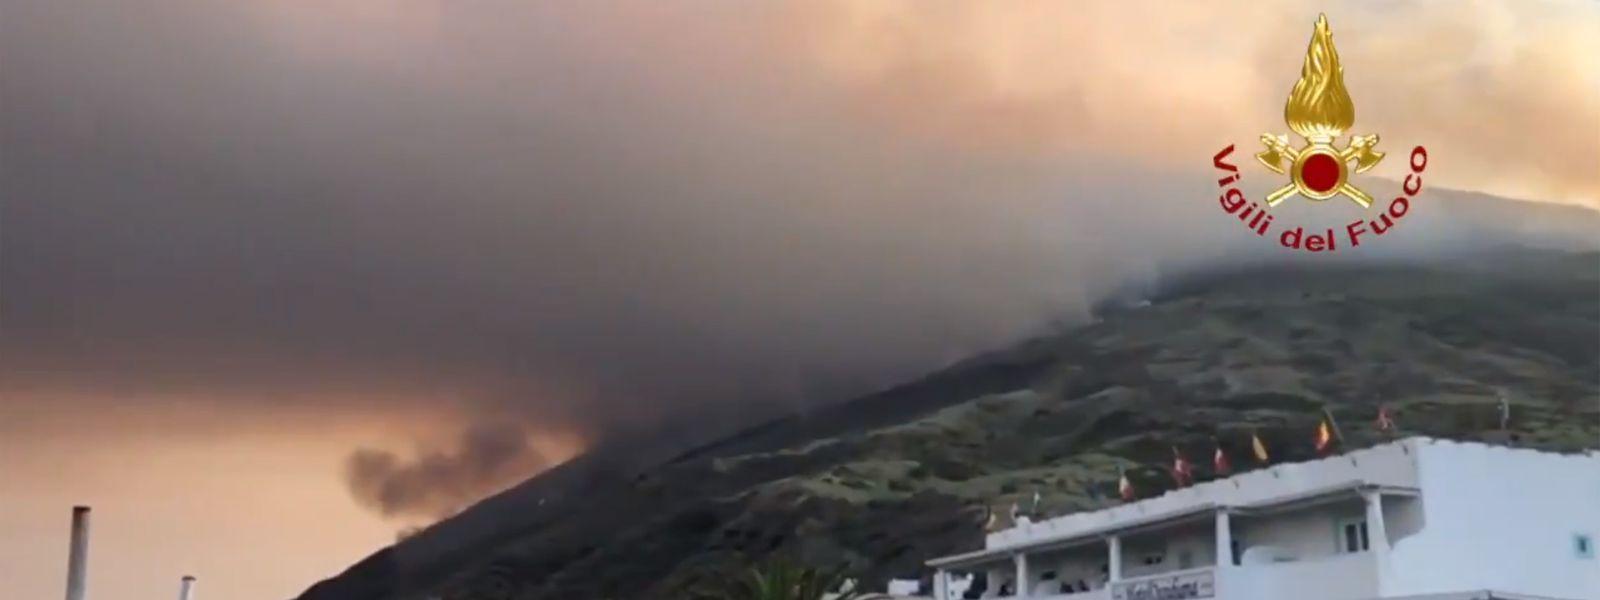 Eine riesige Aschewolke breitete sich nach der Explosion über dem Vulkan aus.